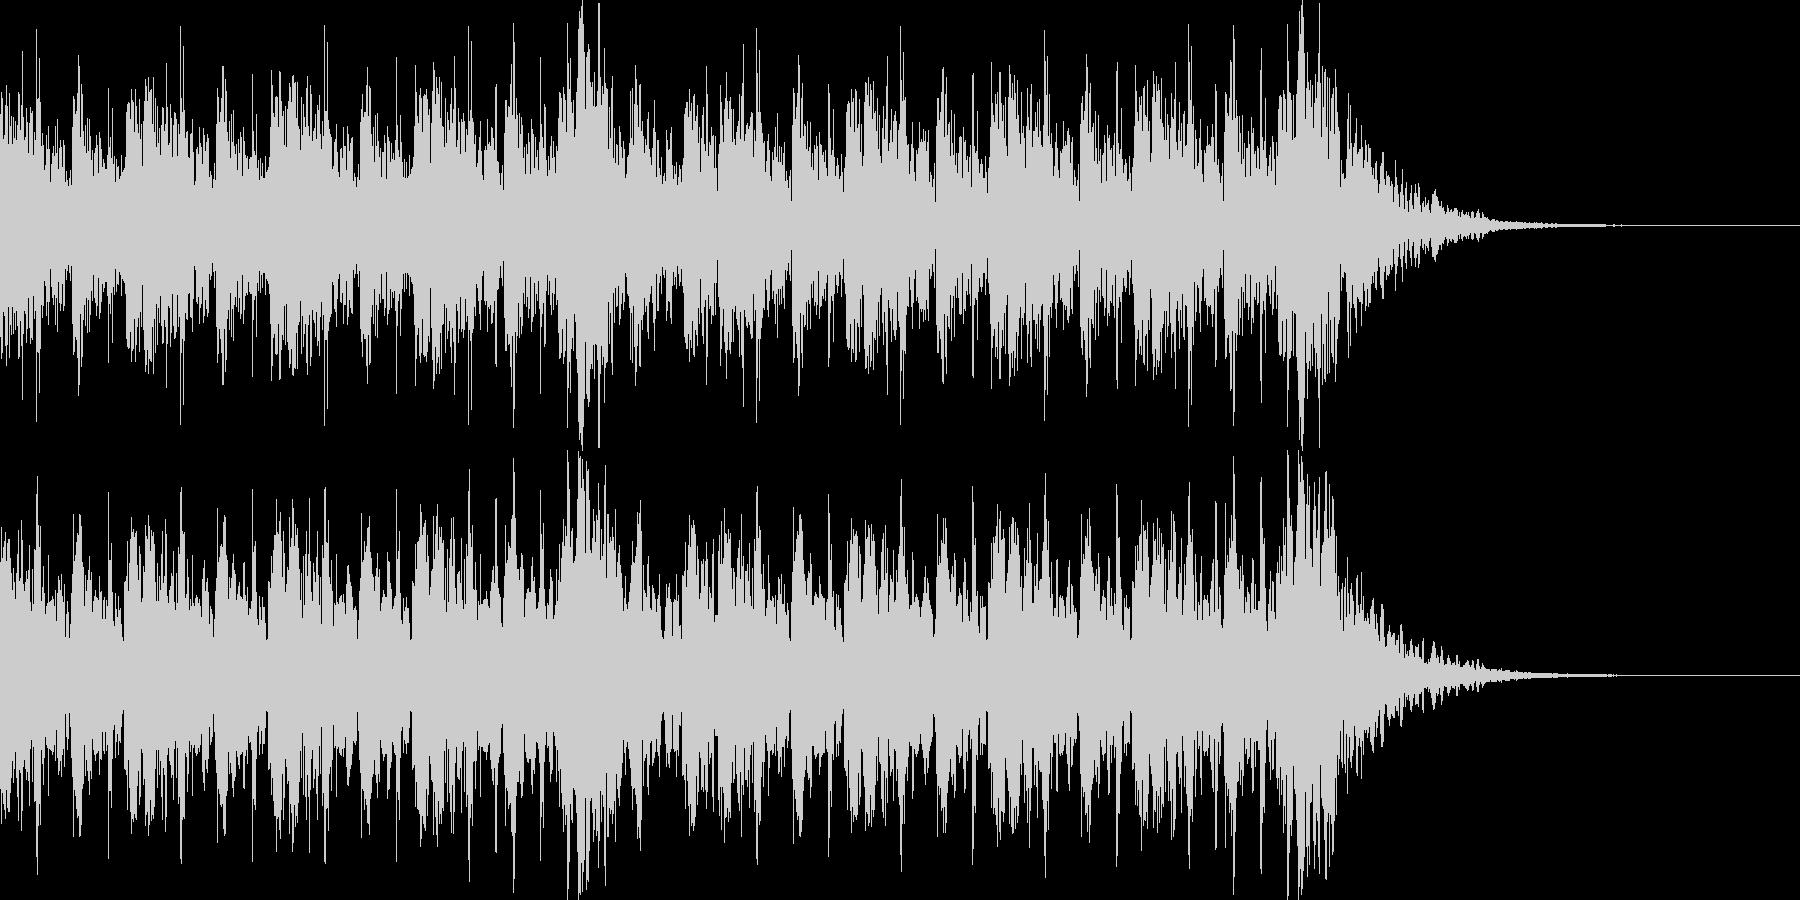 和風 ファンク ジングル 追跡 エレベの未再生の波形